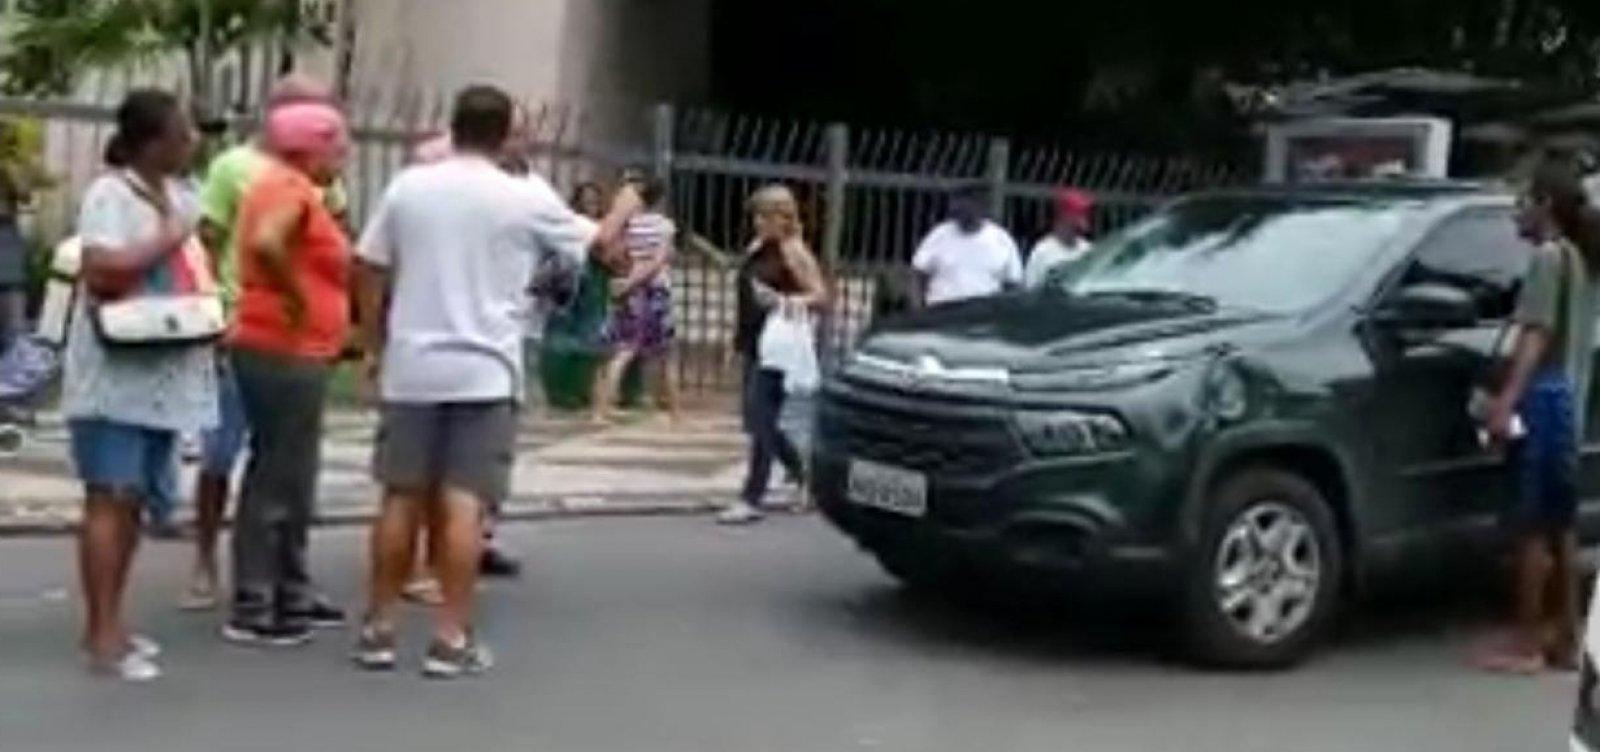 [Acidente envolvendo caminhonete e ônibus deixa um morto no Campo Grande]